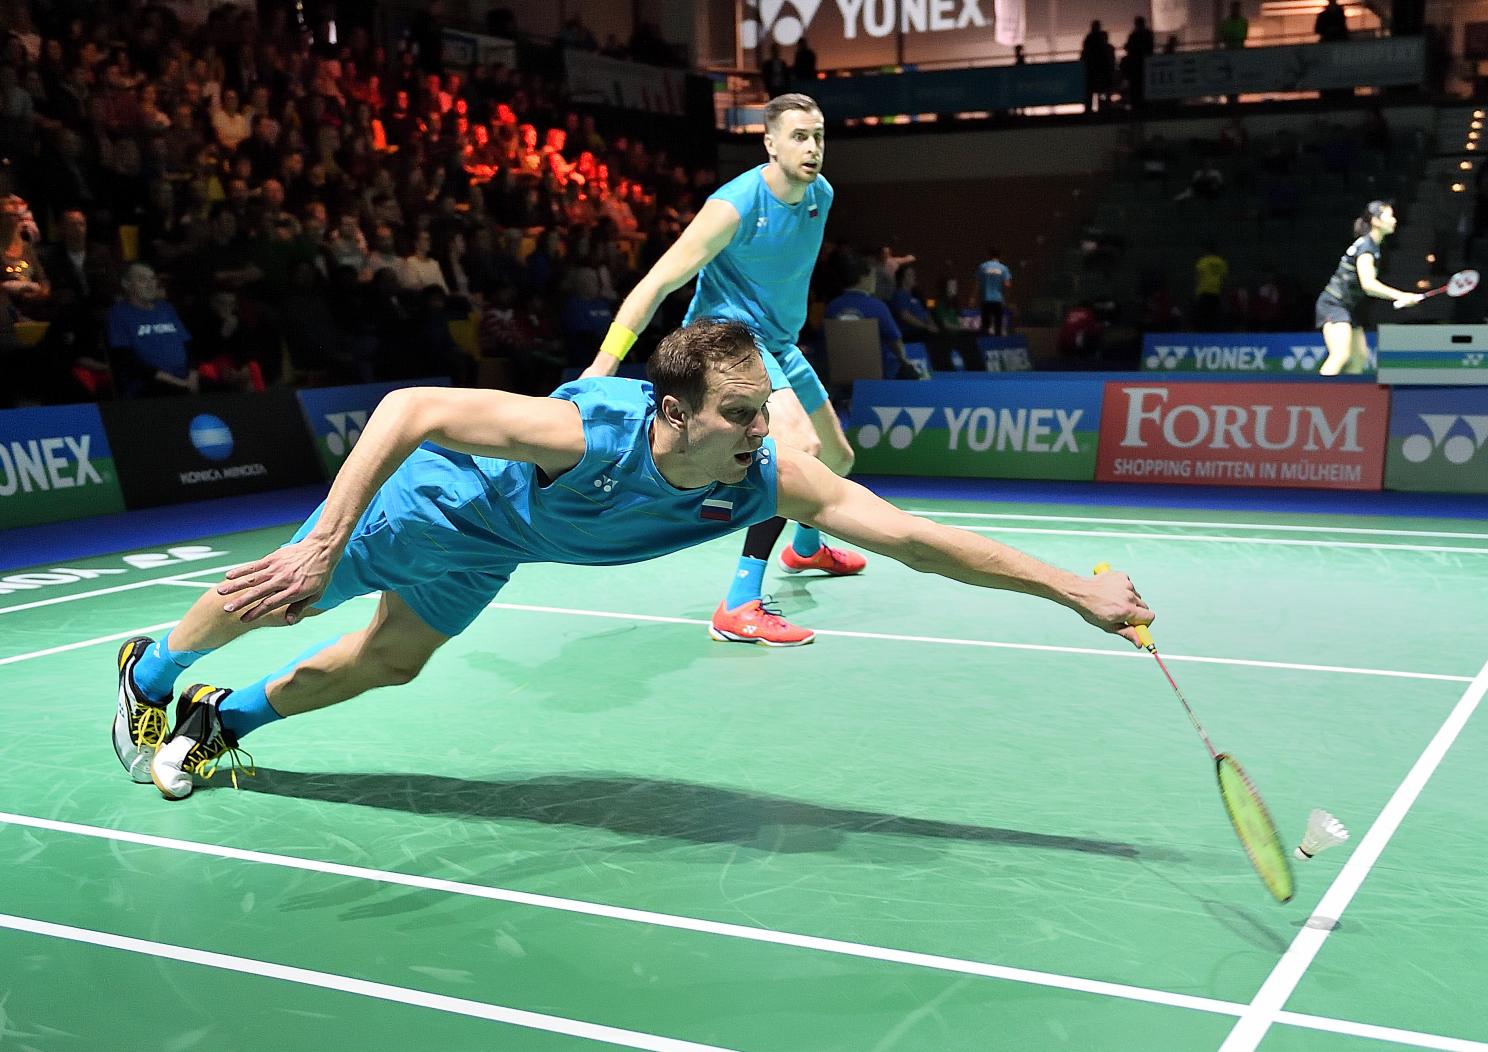 Das russische Badmintonduo Ivanov/Sozonov zeigte vollen Einsatz um in das Halbfinale zu kommen - was ihnen auch gelang